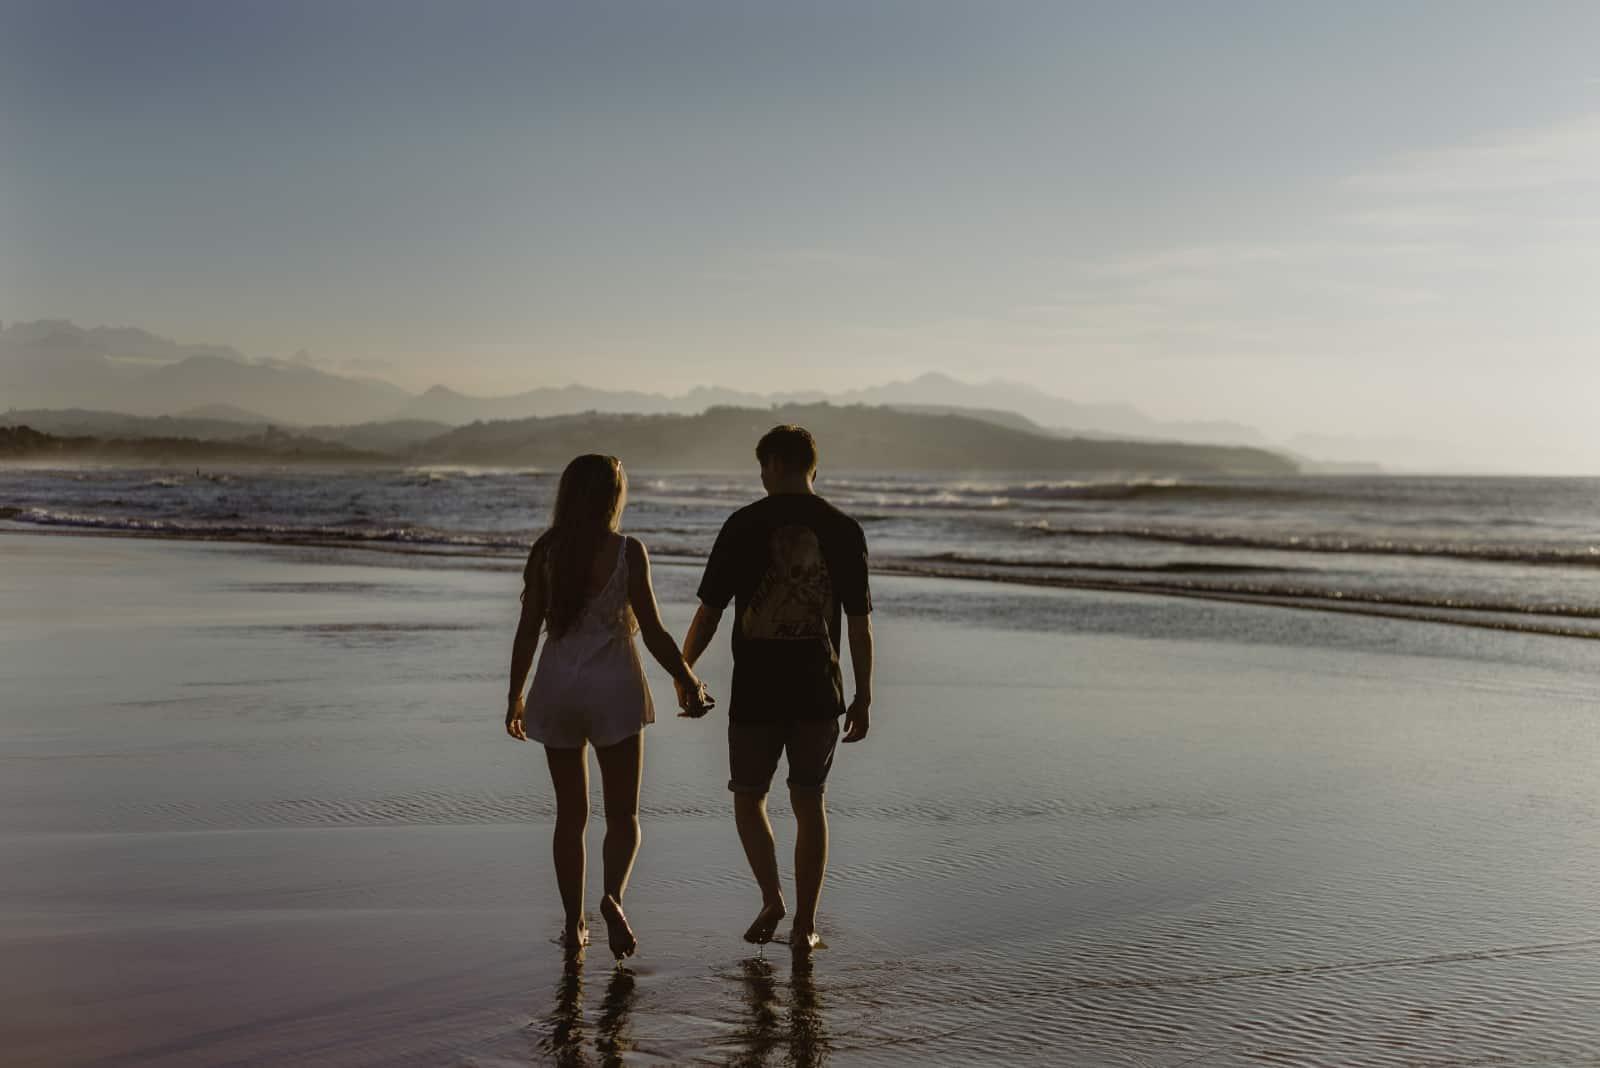 homme et femme main dans la main en marchant sur la plage